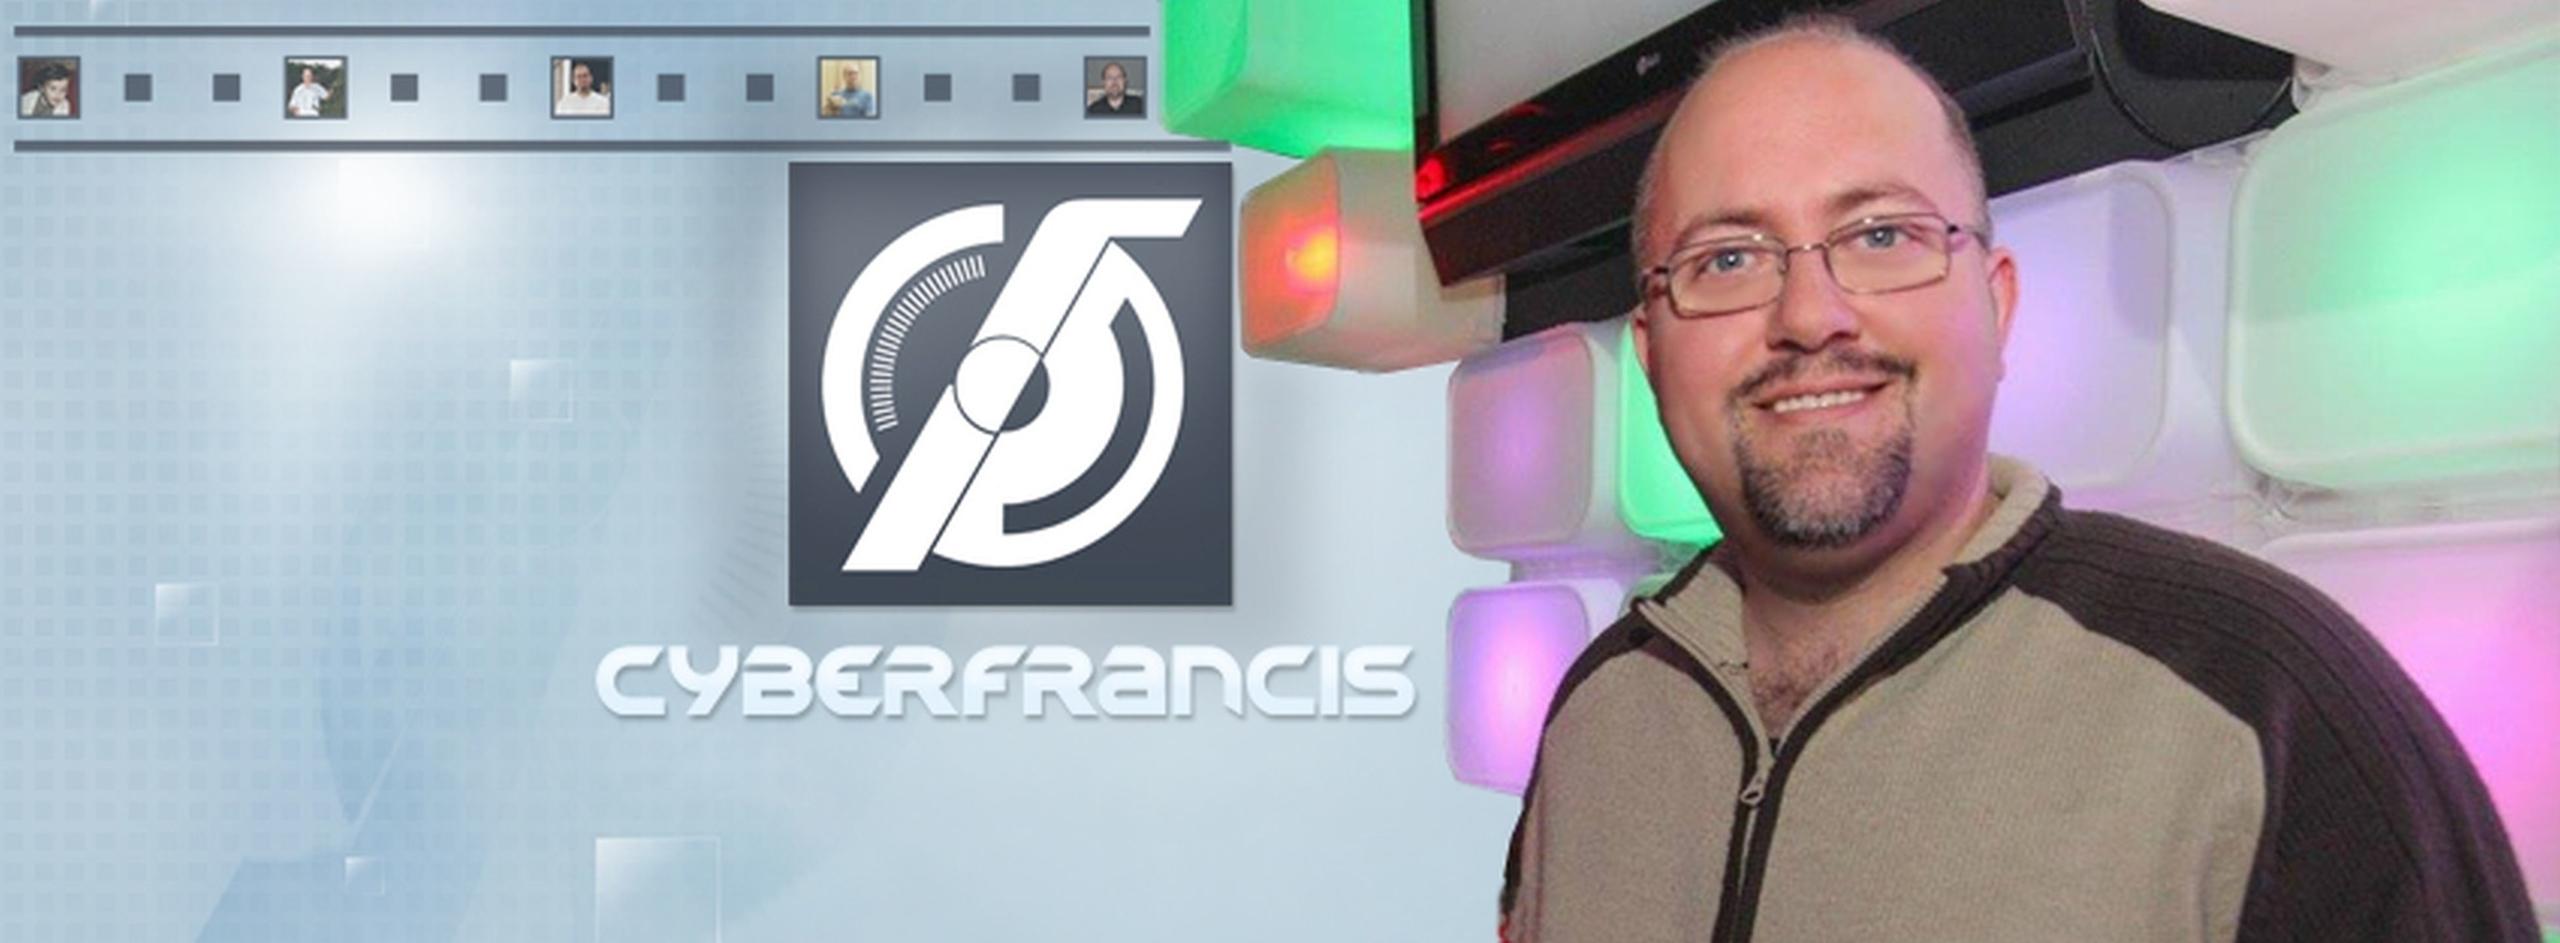 Fco. José Hidalgo (@cyberfrancis_media) Cover Image